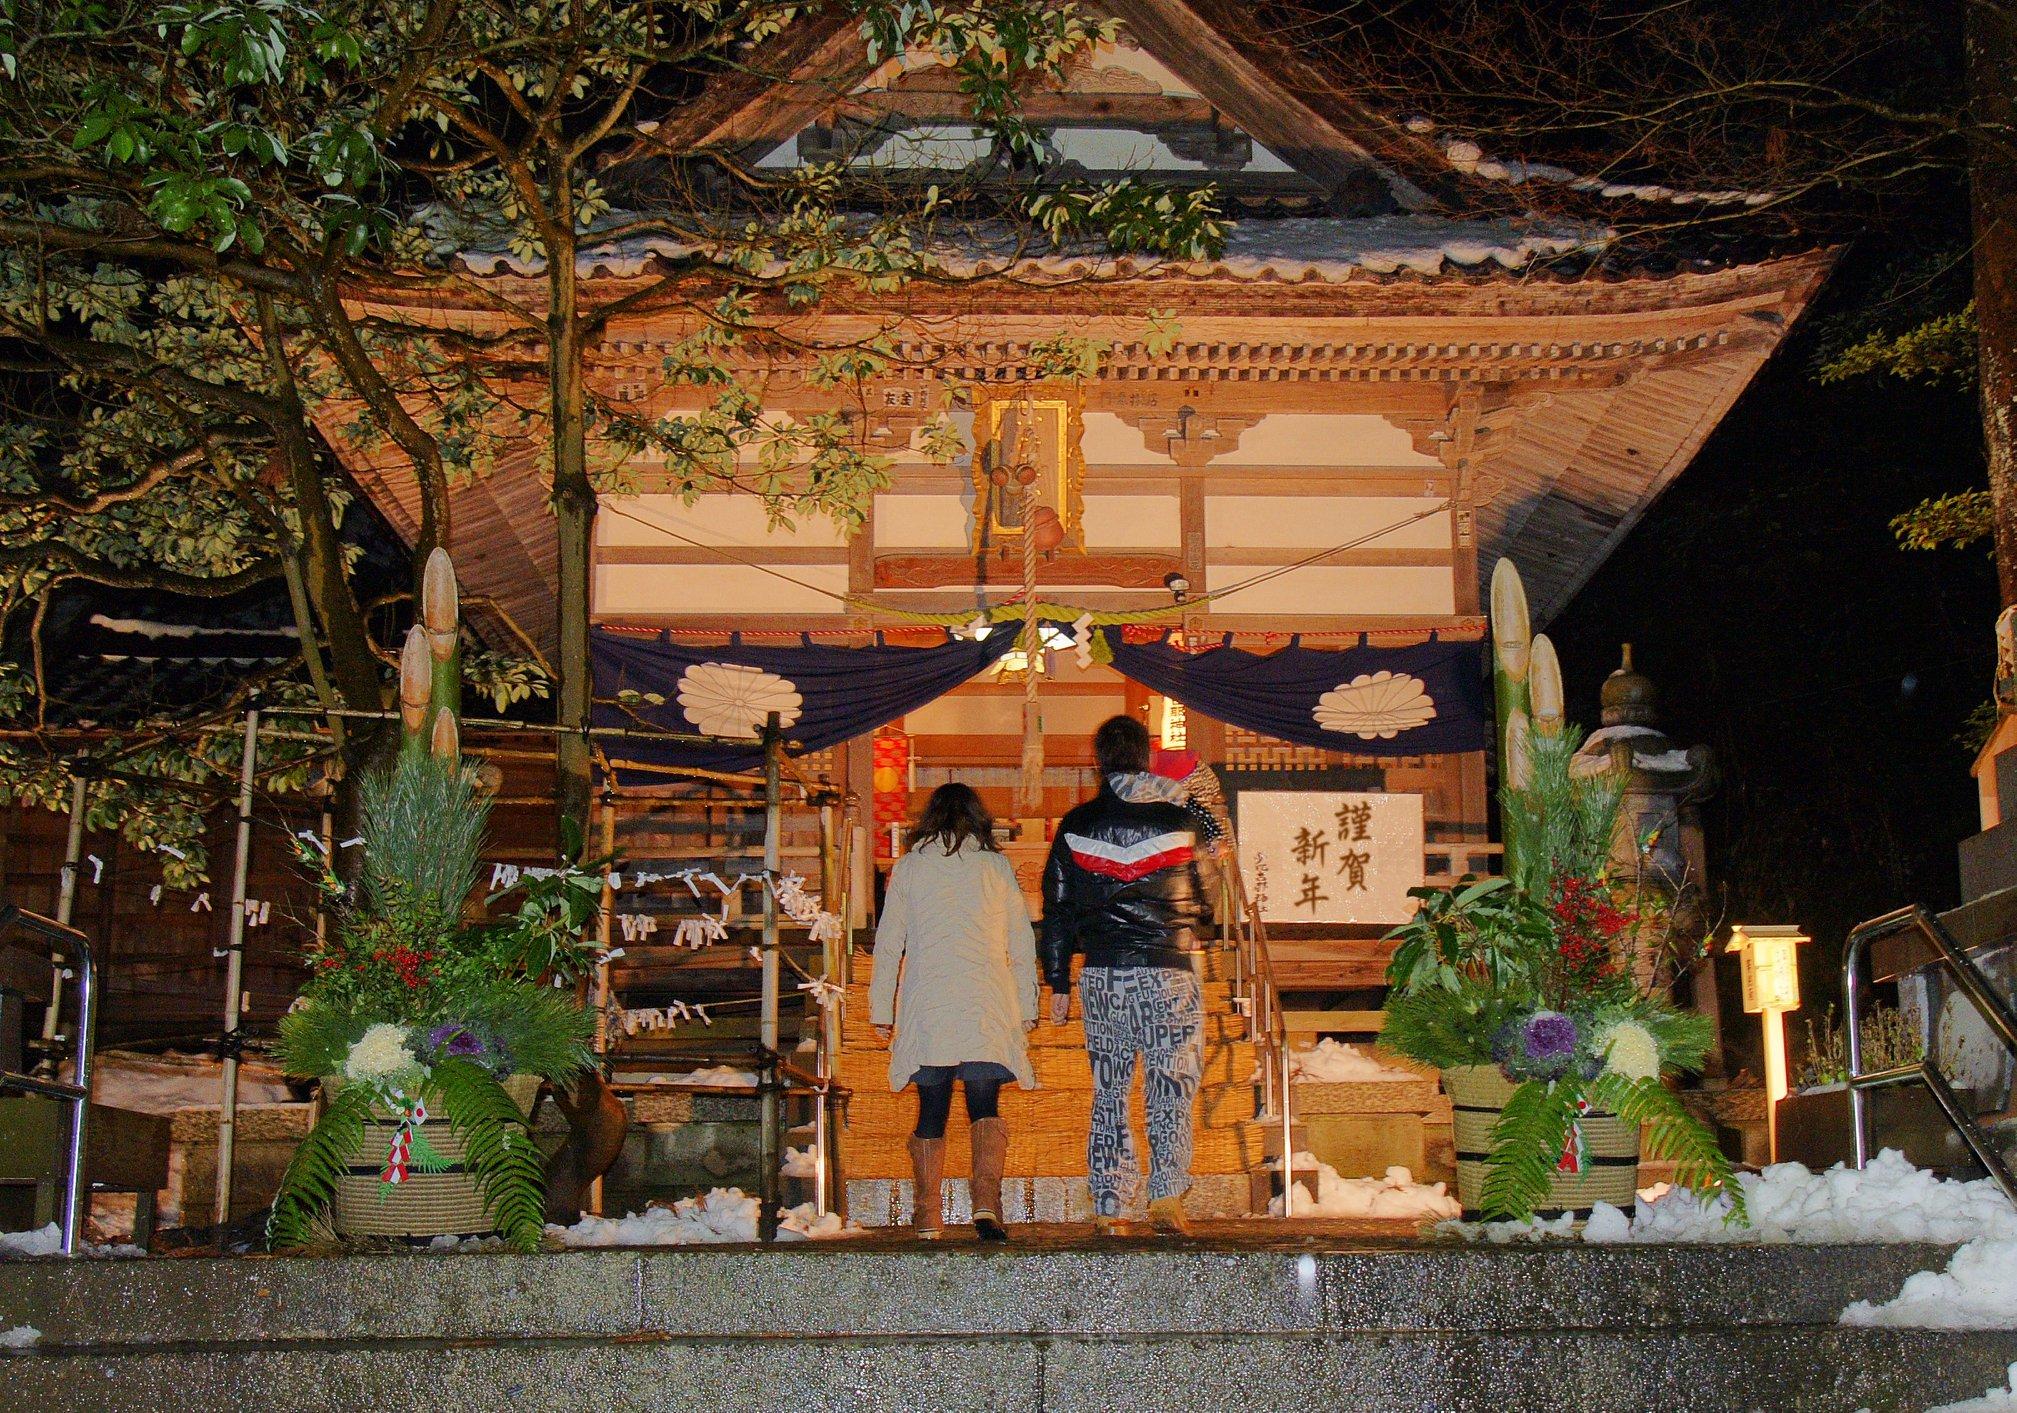 和倉温泉で過ごす年末年始は除夜の鐘と初詣スポット周り【七尾市 和倉温泉】